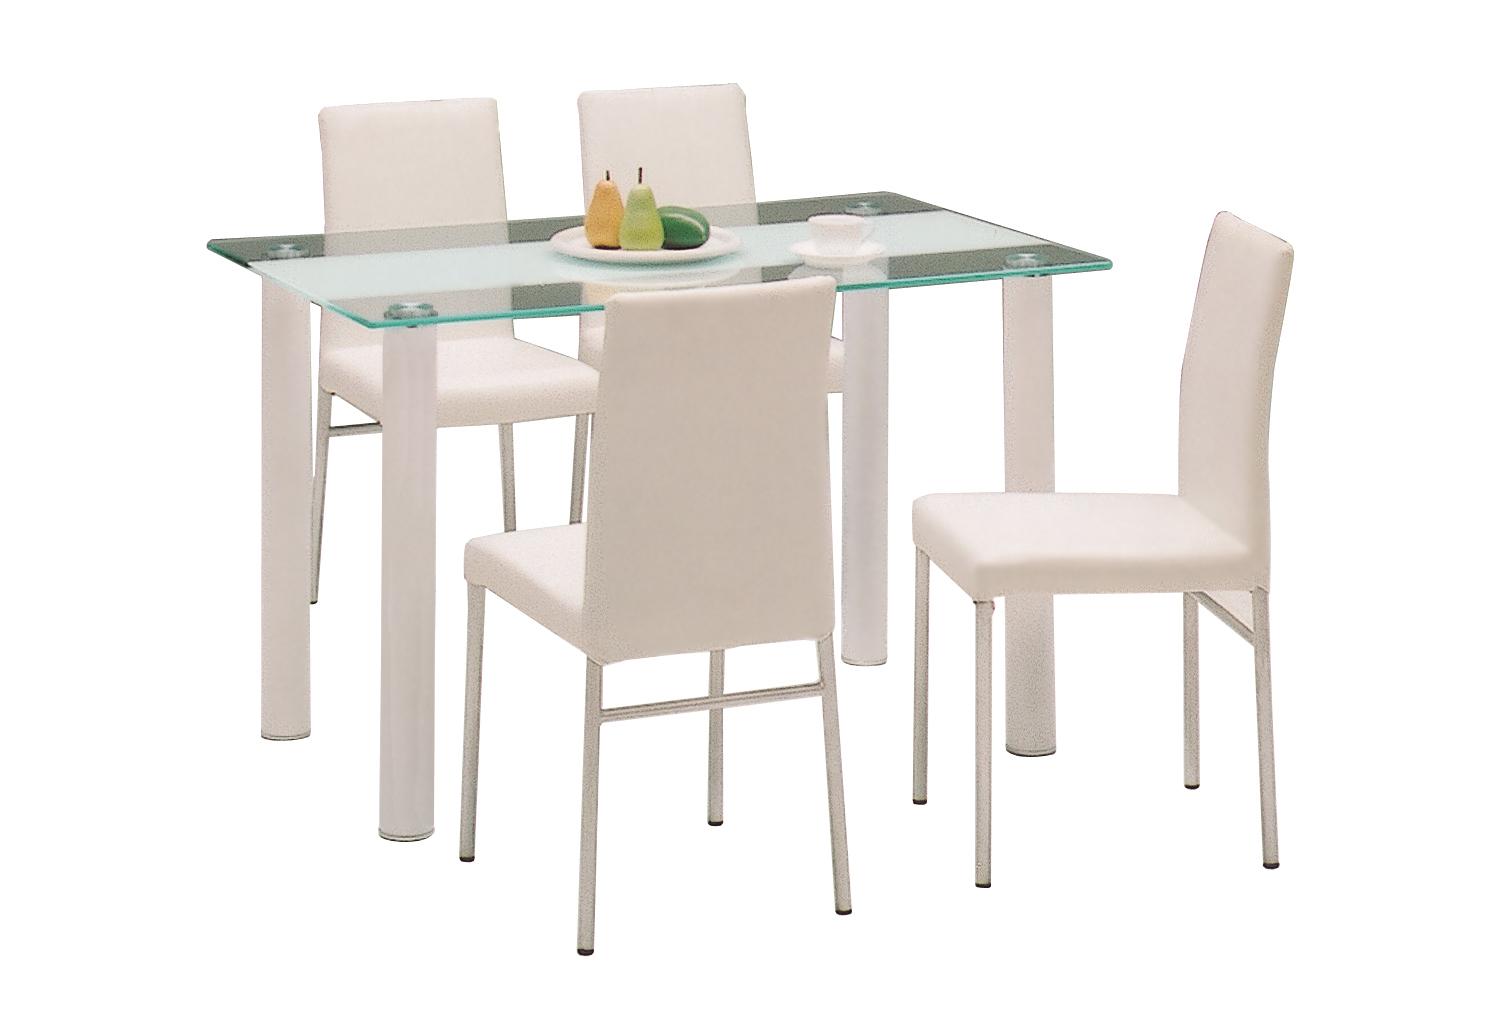 【ダイニングセット5点】【テーブル】【チェアー】ヴォーグ5点セット(ホワイト/ブラック)【02P03Dec16】